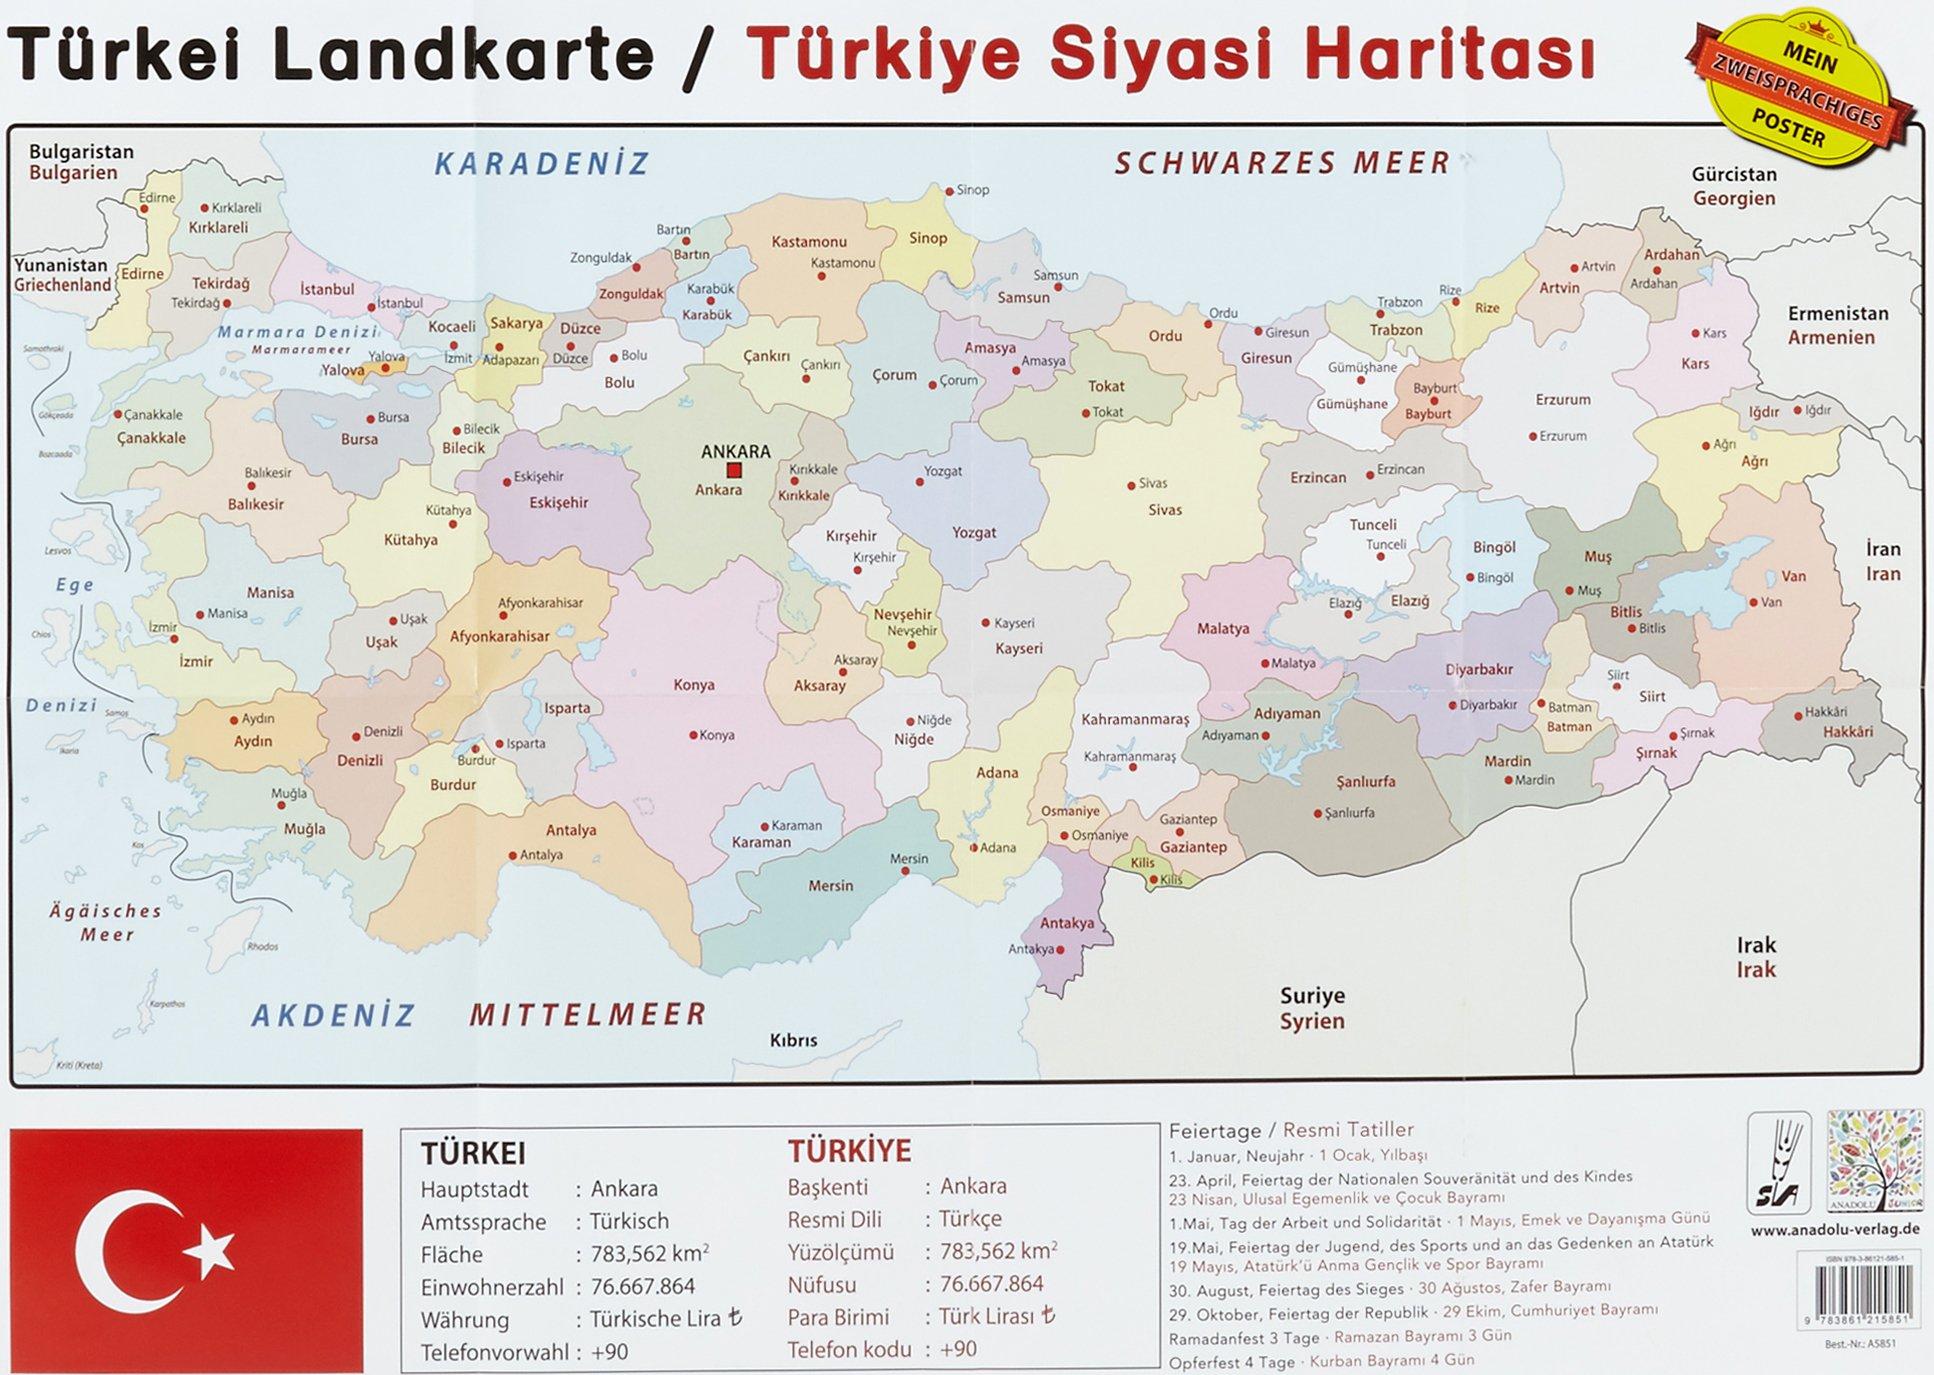 Turkei Landkarte Turkiye Siyasi Haritasi Poster 9783861215851